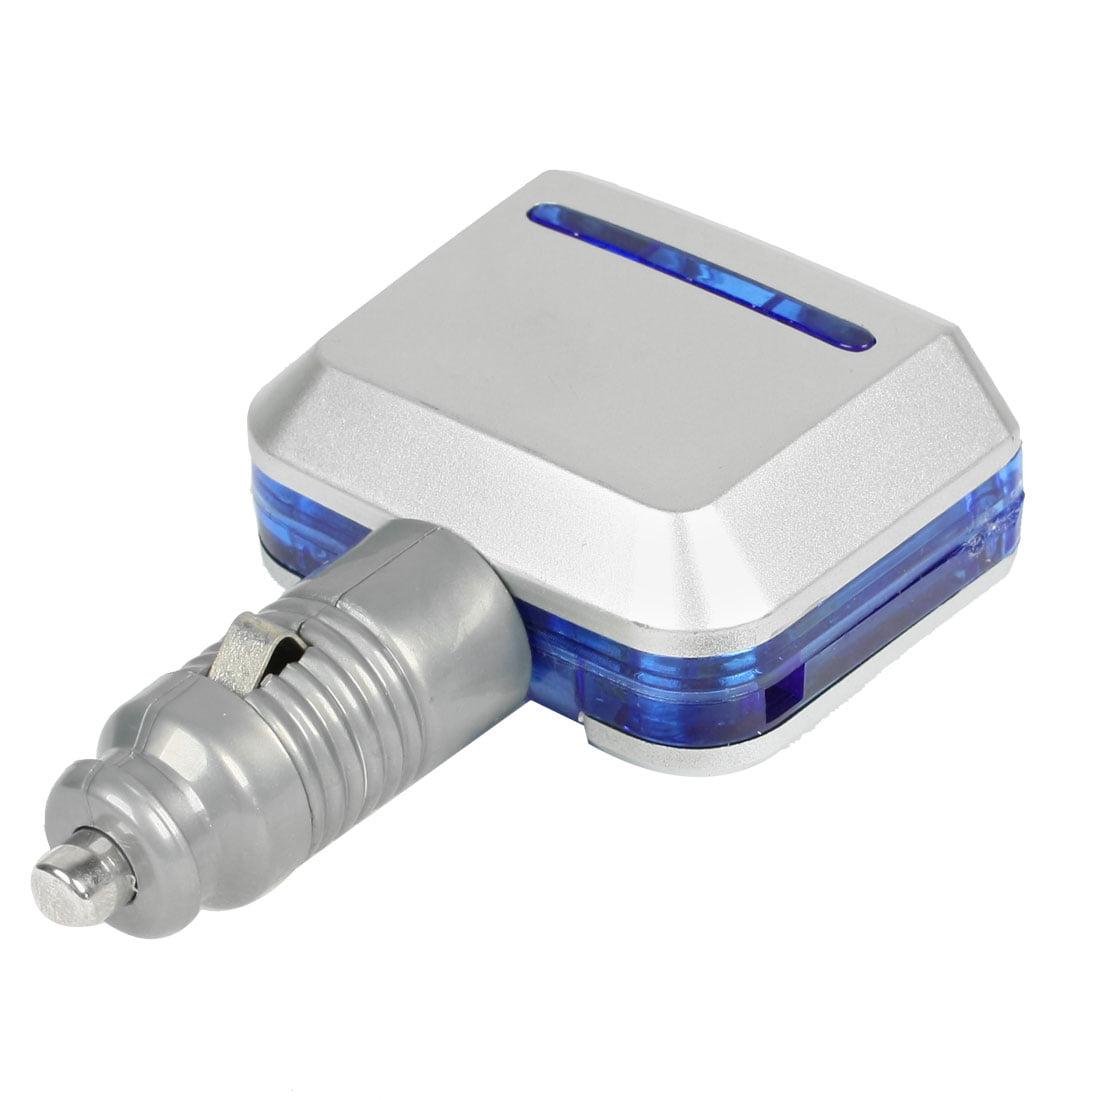 Adjustable Cigarette Lighter Power Charger Adapter 2 Socket for Vehicle Car 12V